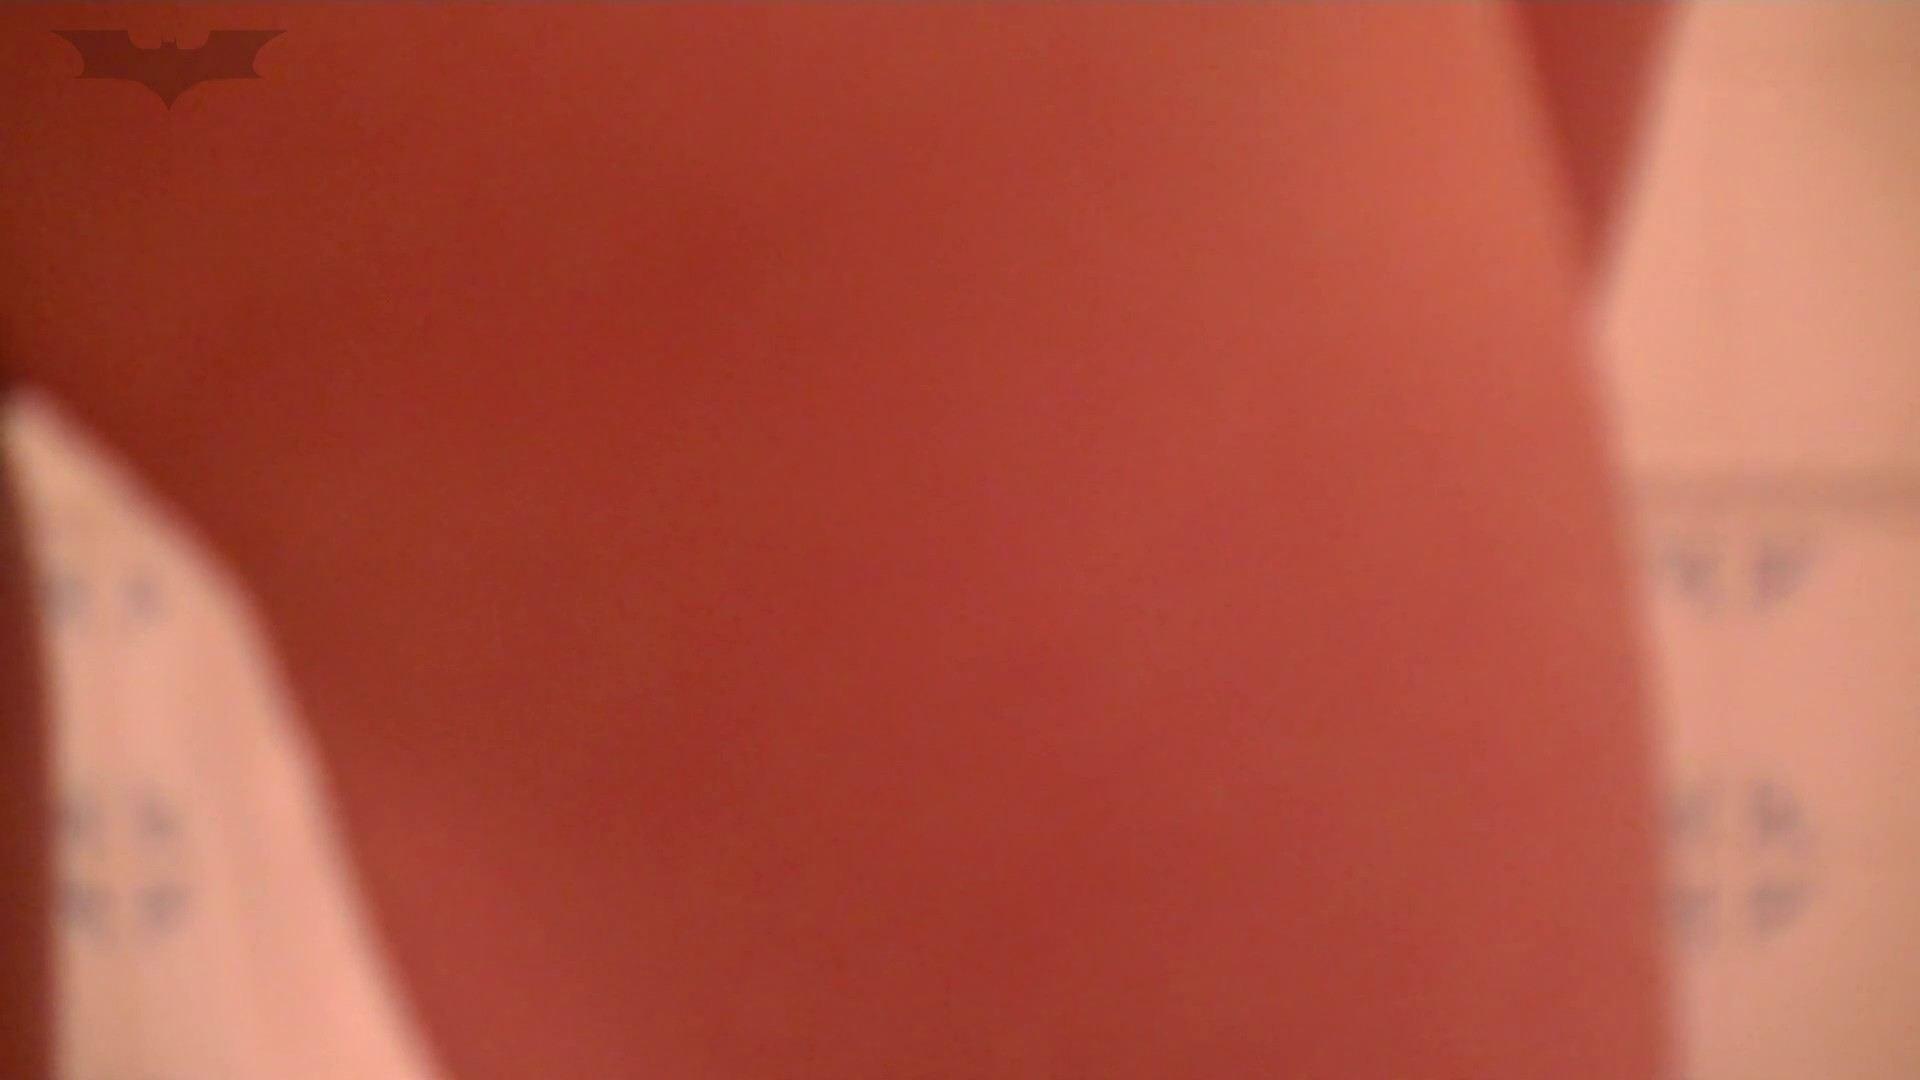 期間限定 闇の花道Vol.10 影対姪っ子絶対ダメな調教関係Vol.04 桃色乳首  97PIX 19